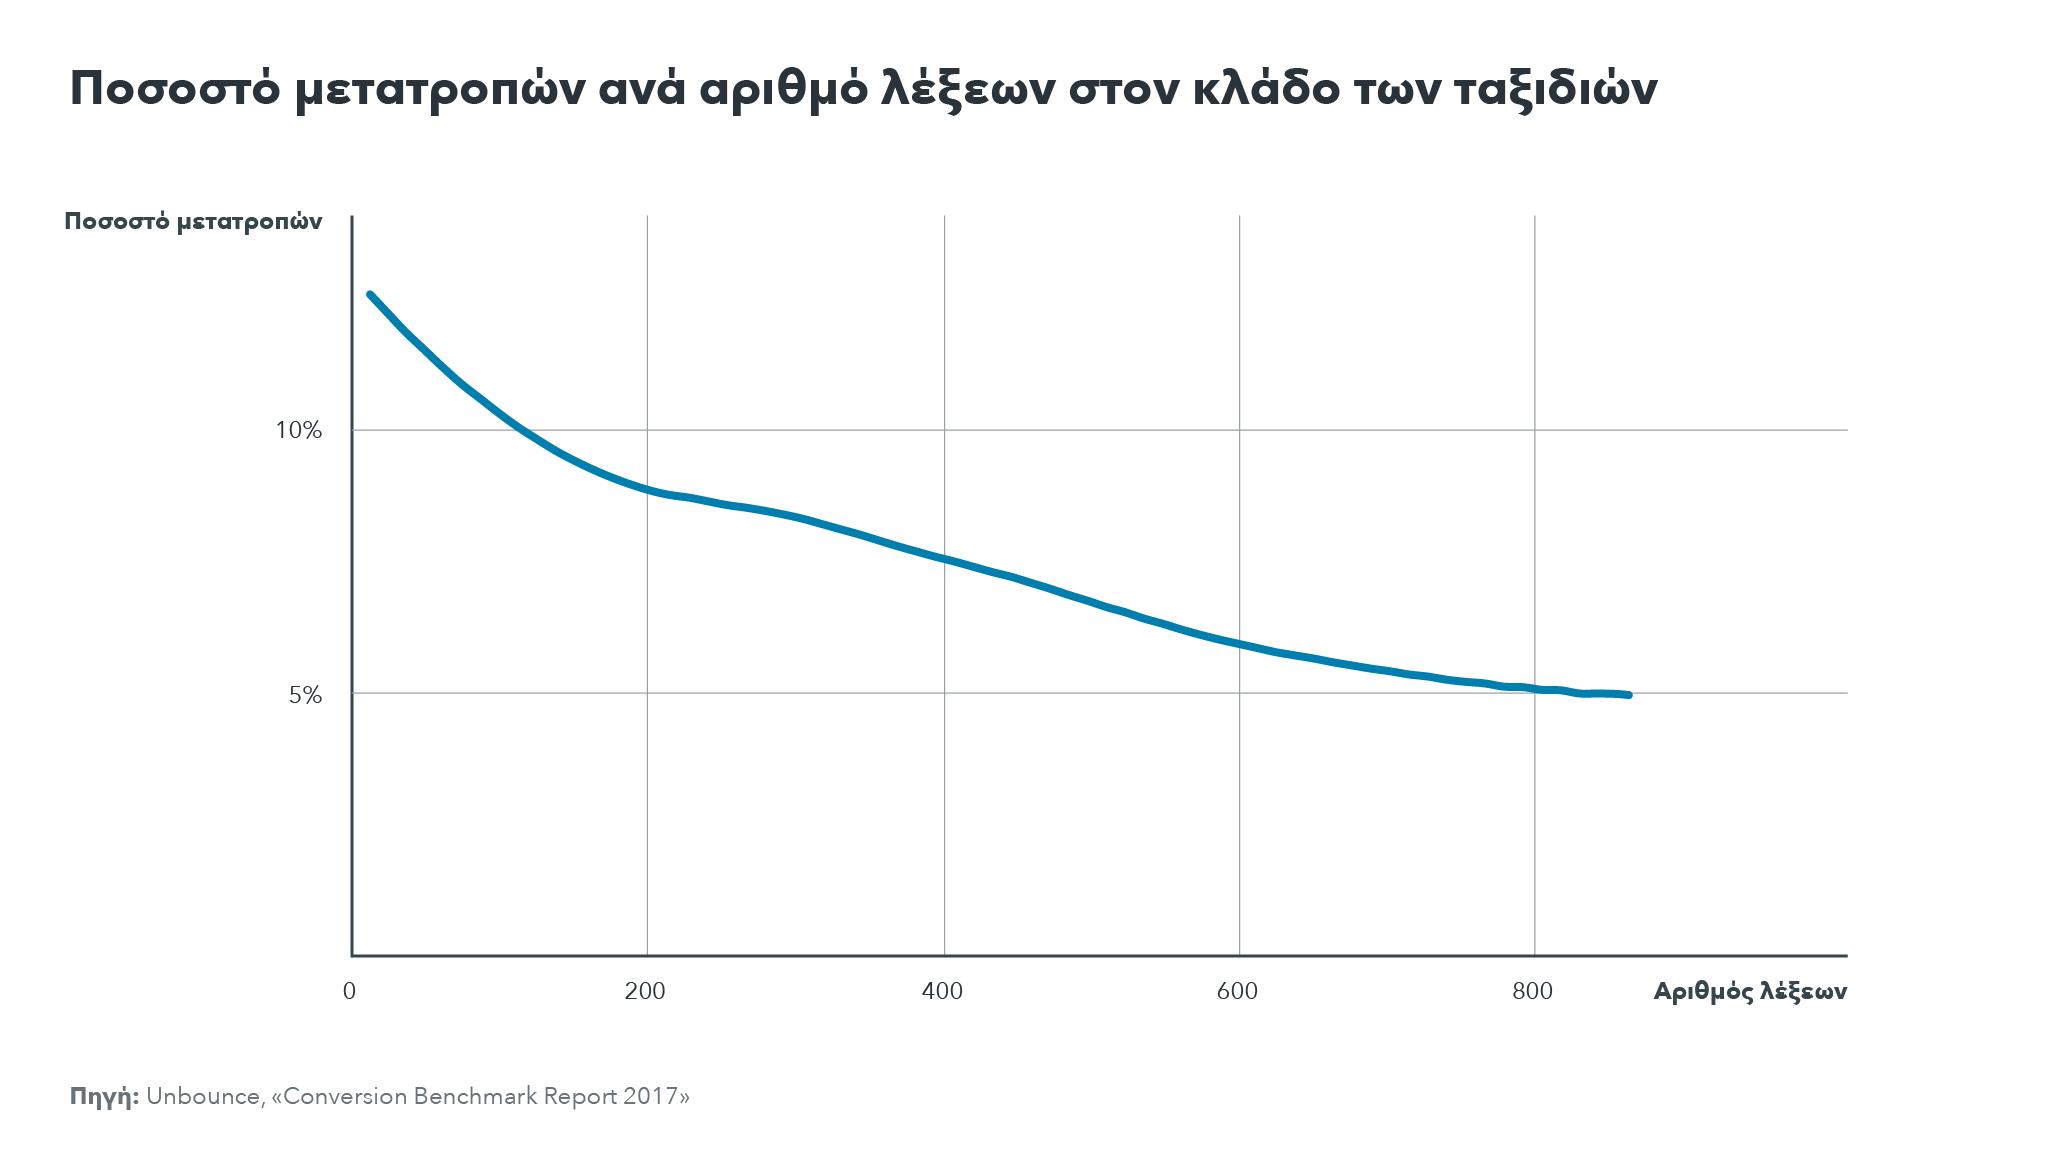 Γράφημα ποσοστού μετατροπής ανά αριθμό λέξεων στον κλάδο των ταξιδιών: το ποσοστό μετατροπής μειώνεται όσο αυξάνεται ο αριθμός λέξεων